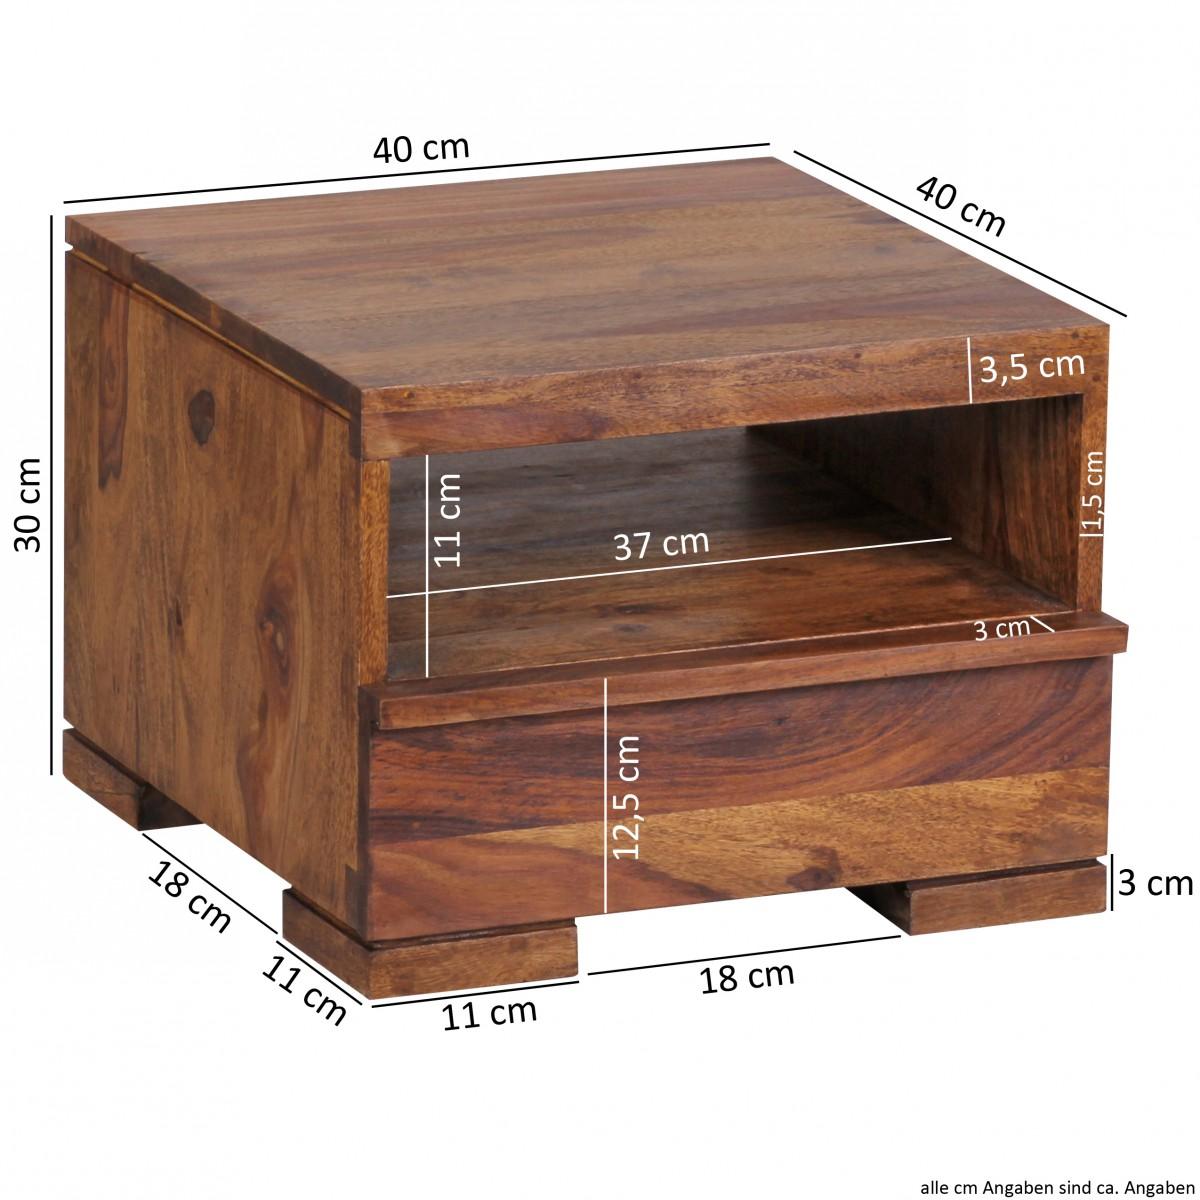 wohnling sheesham solide table de chevet en bois avec tiroir 40 x 40 x 30cm neuf ebay. Black Bedroom Furniture Sets. Home Design Ideas